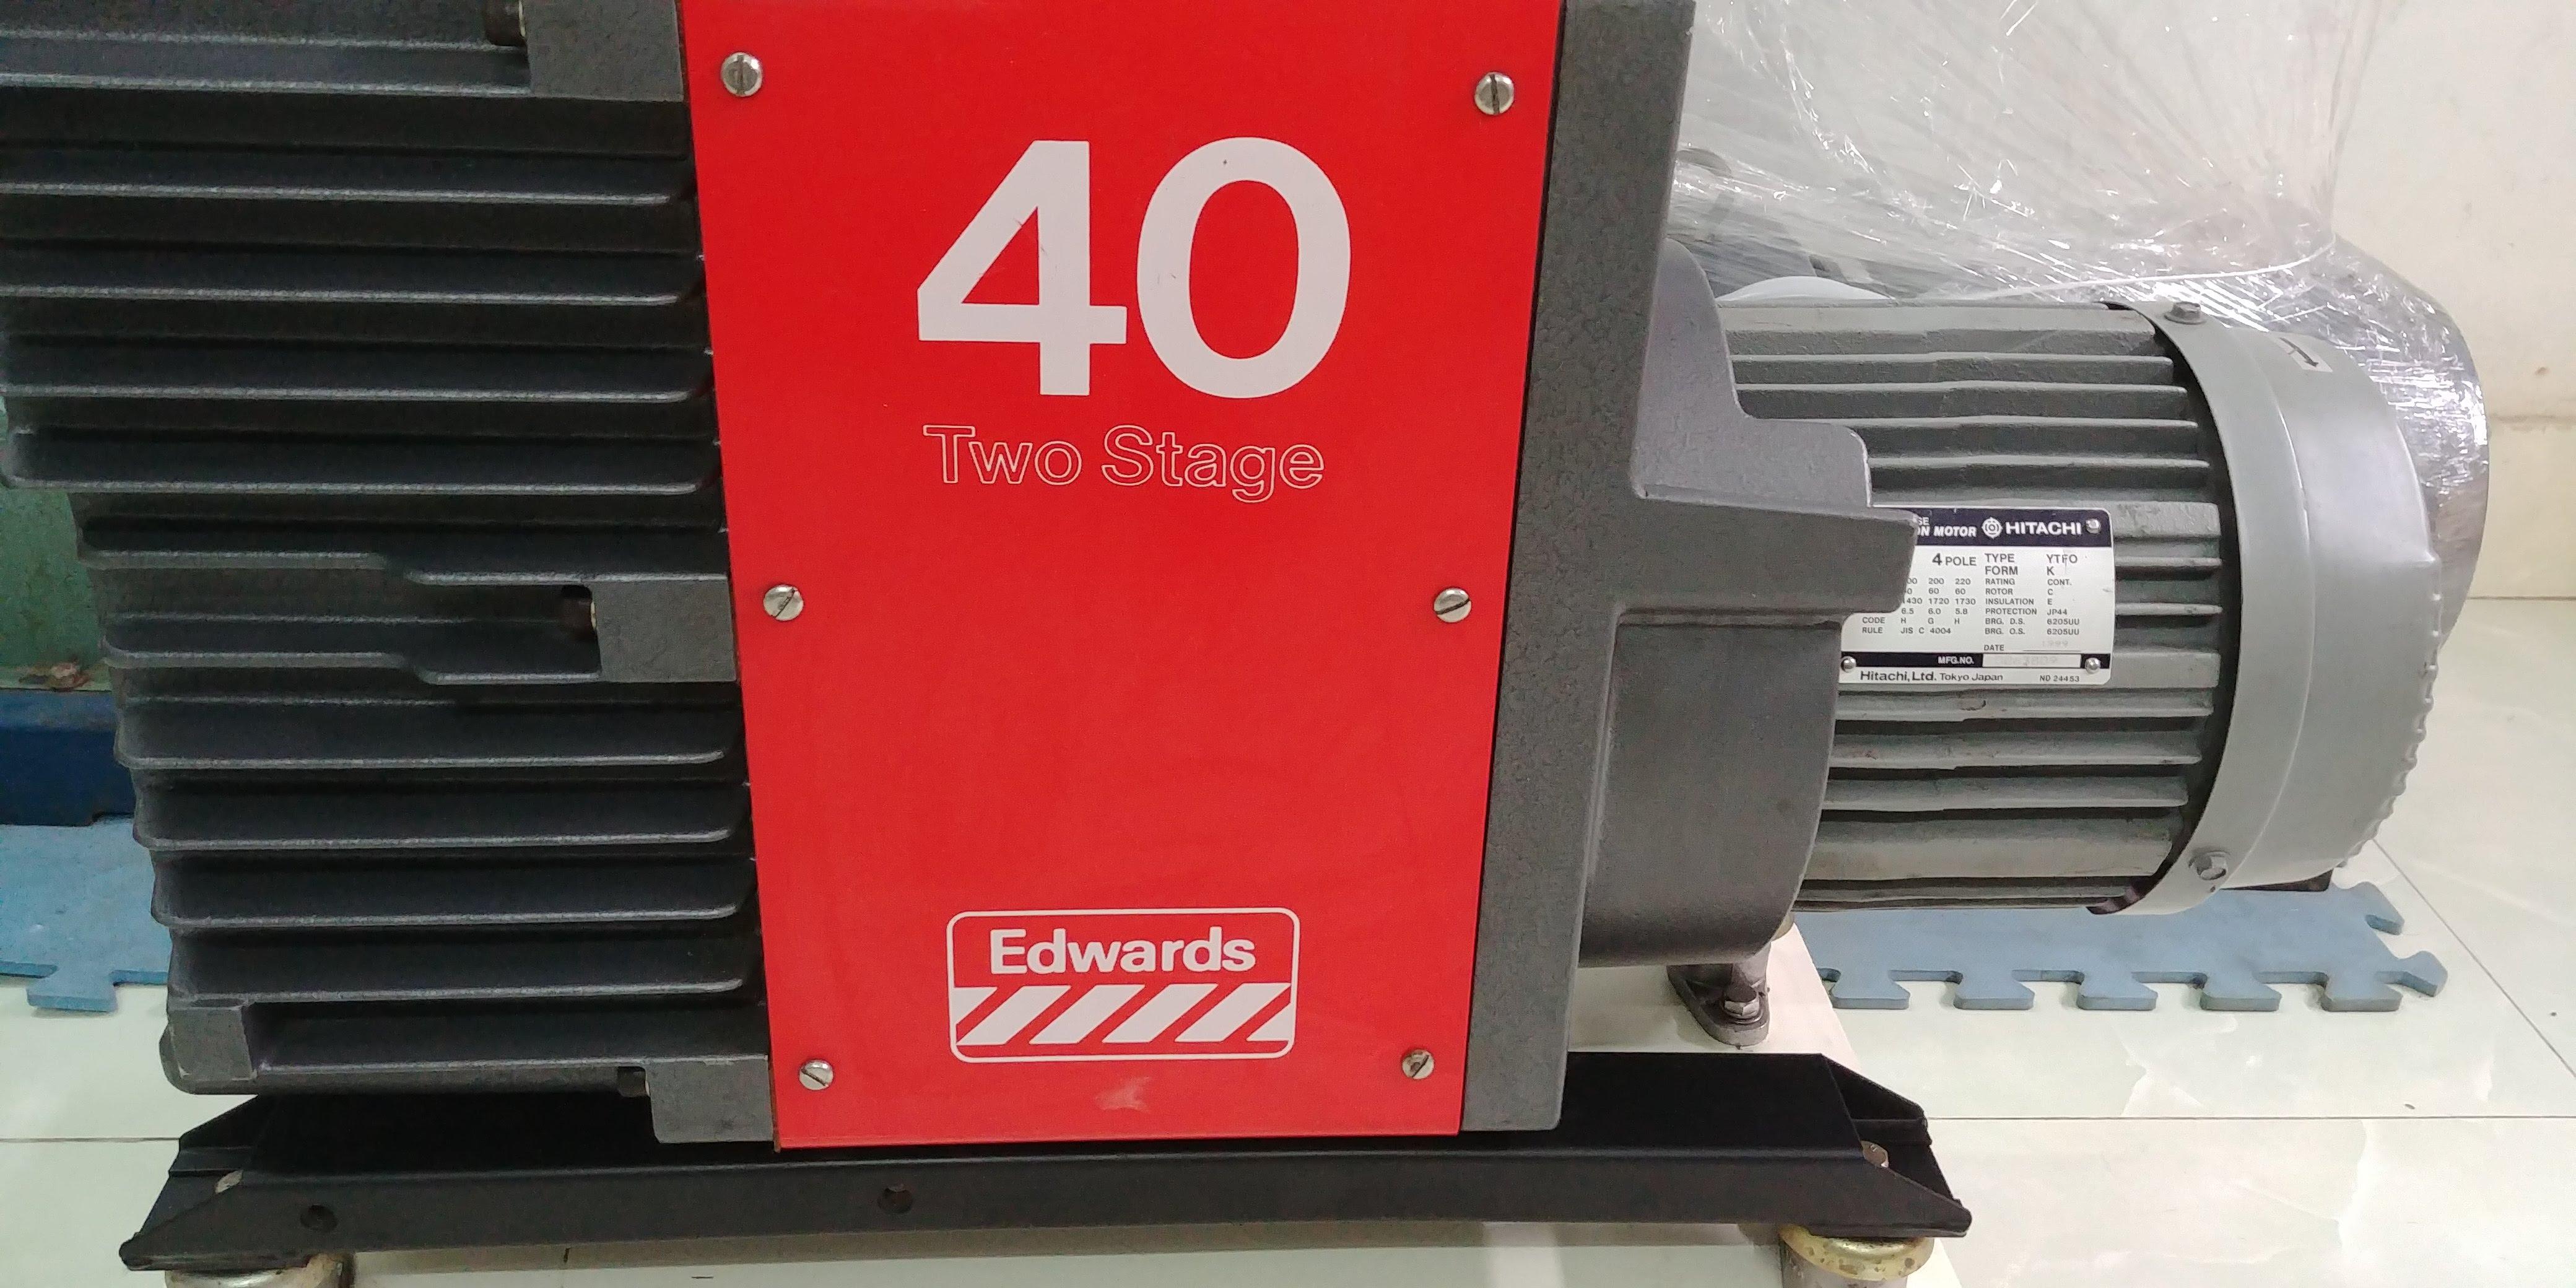 Bơm hút chân không hai cấp Edwards E2M40